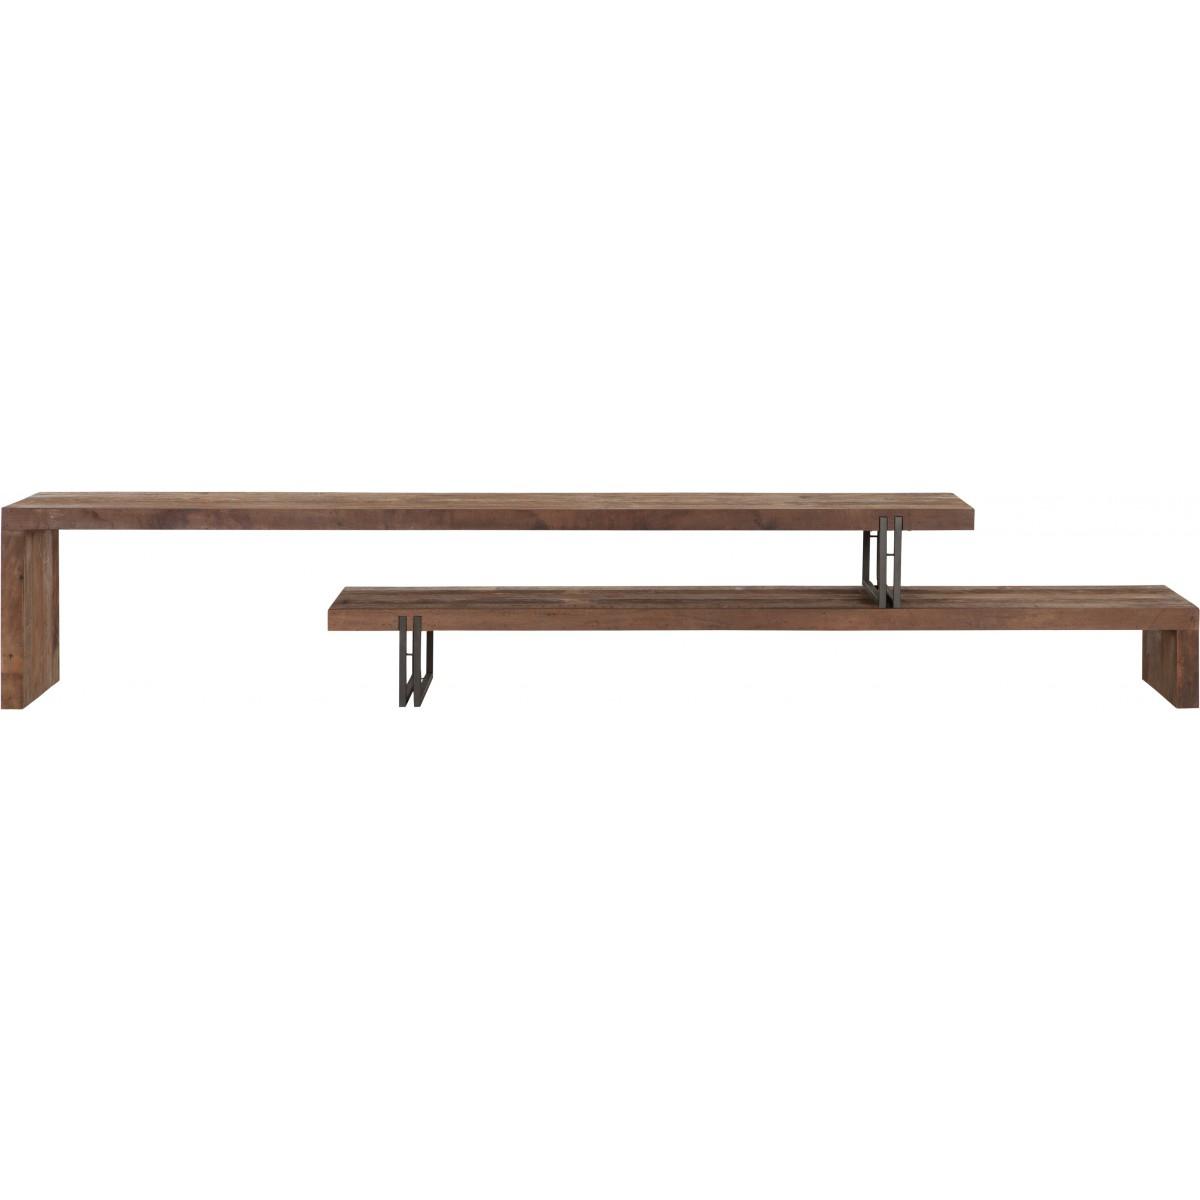 tuareg-tv-meubel-2-planken-verlengbaar-45x200x40-cm-miltonhouse